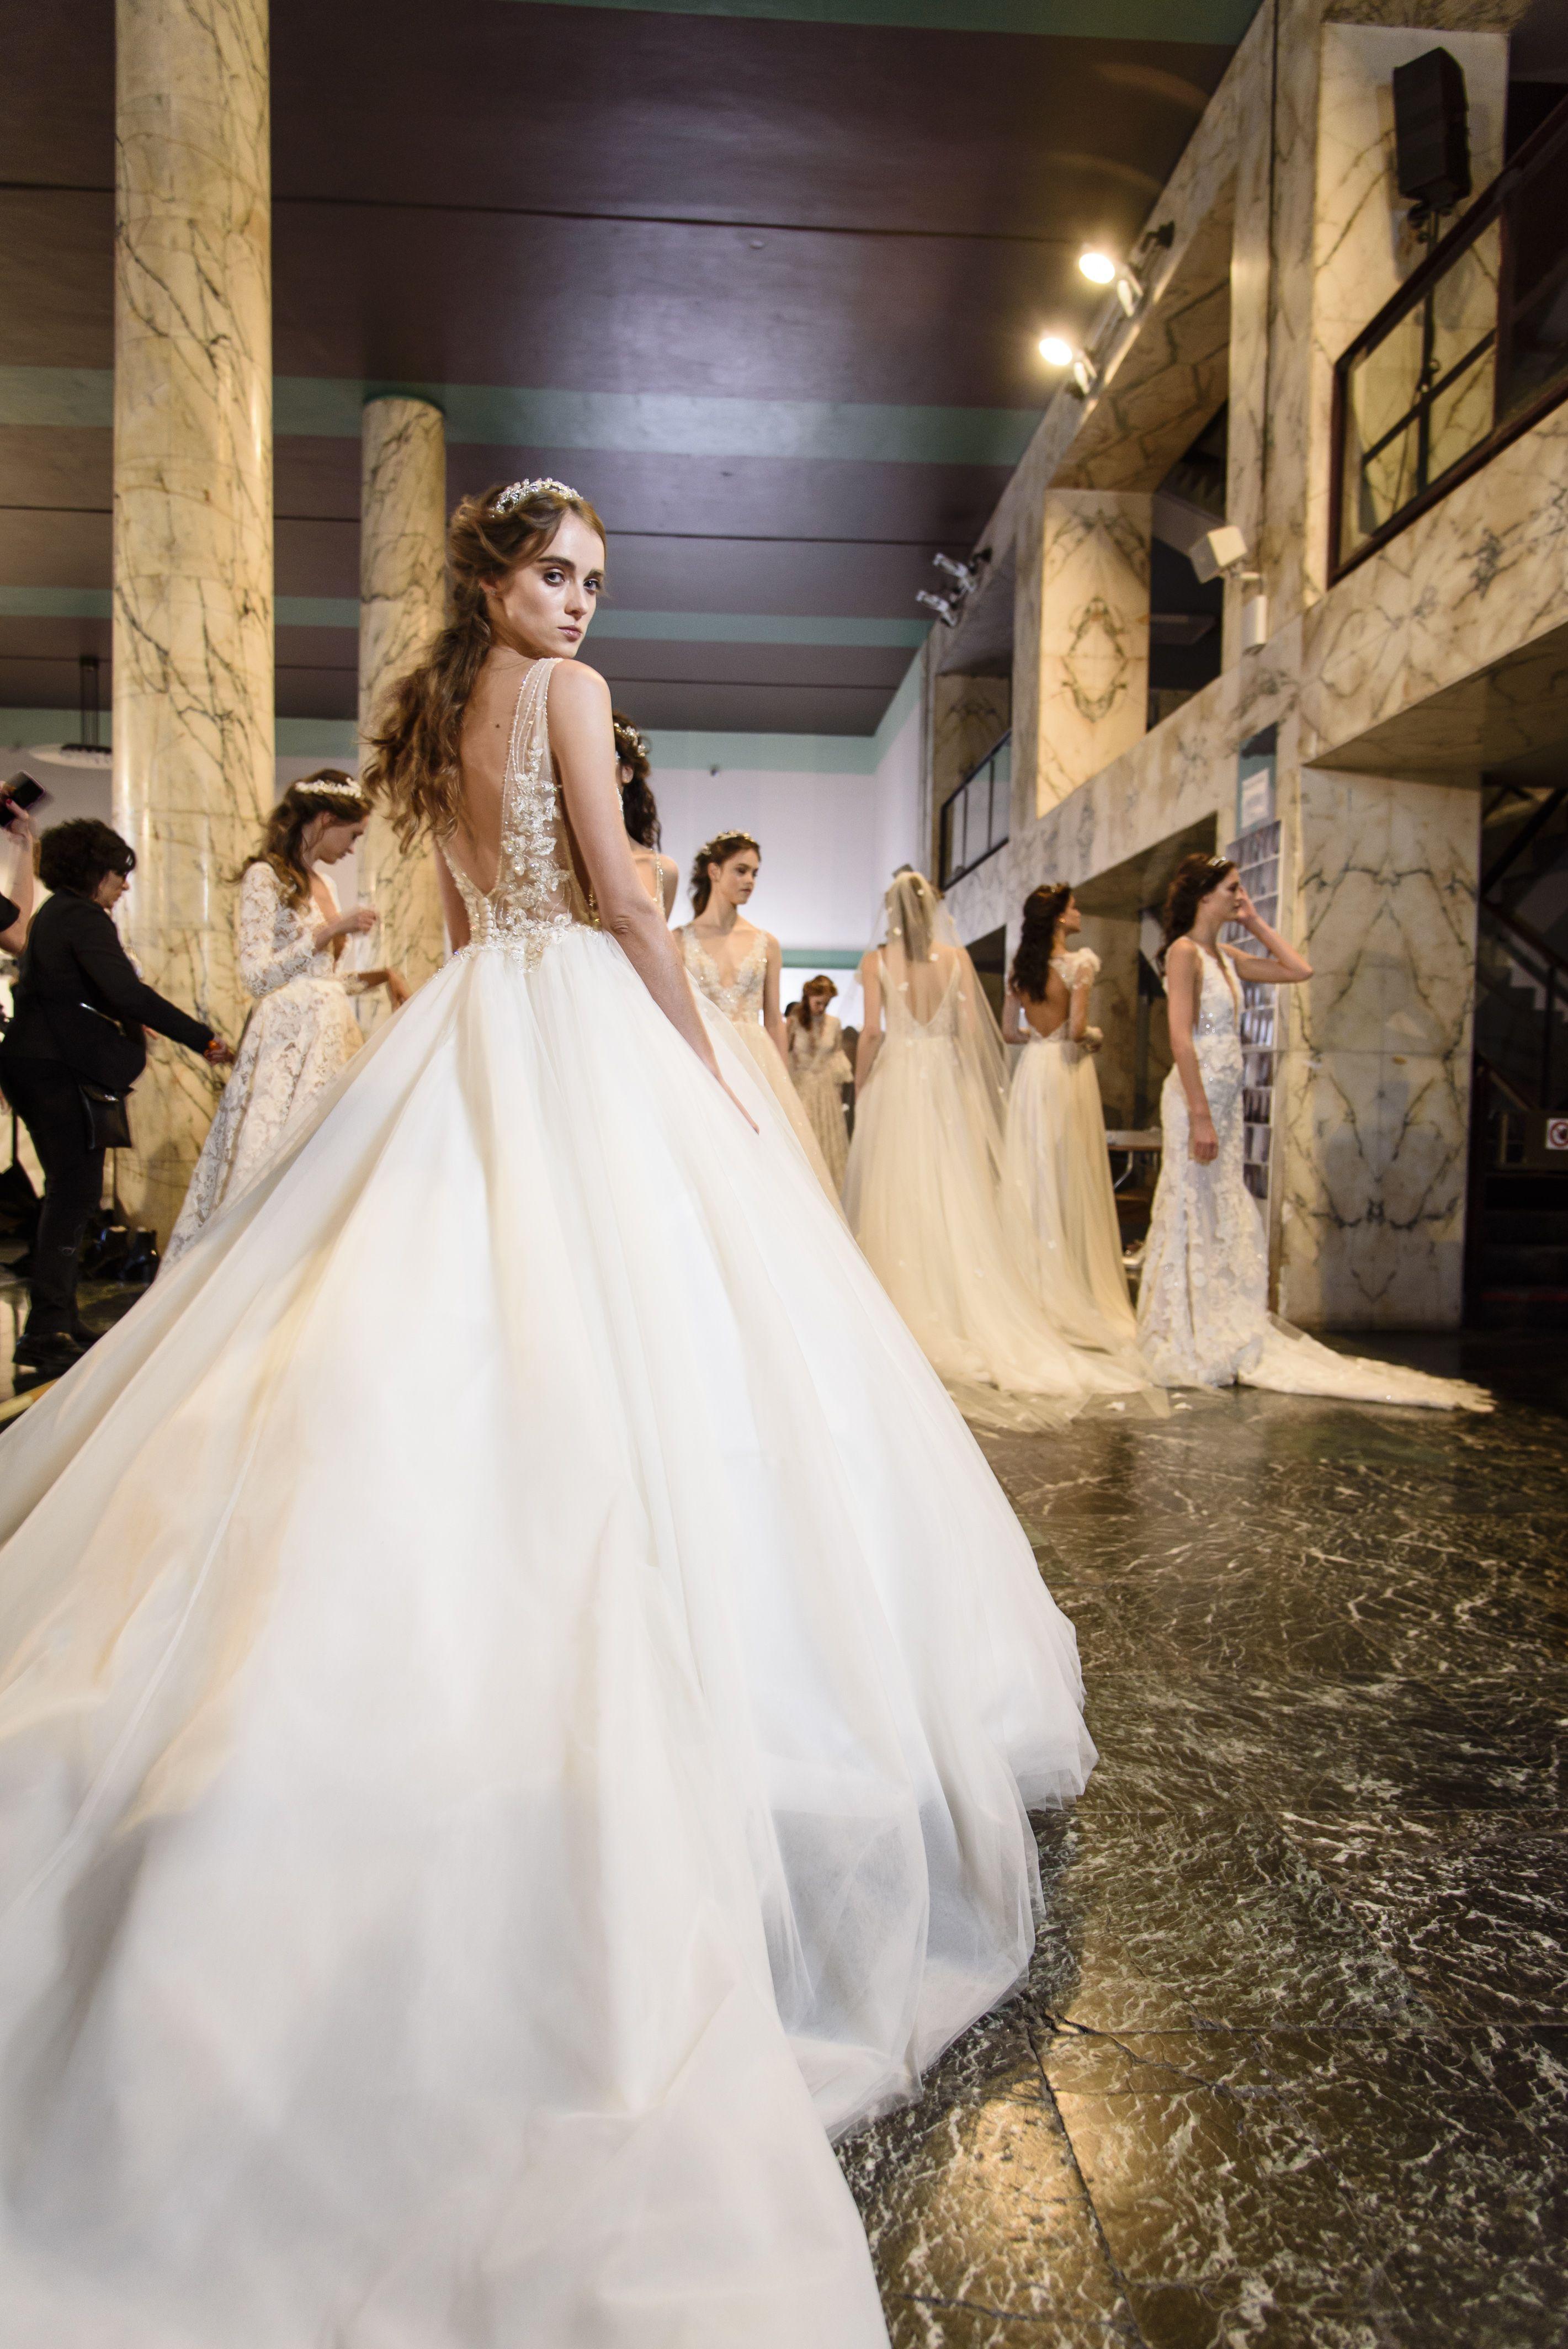 dd58bdabe91f Abiti da sposa italiani 2019 – Abiti alla moda